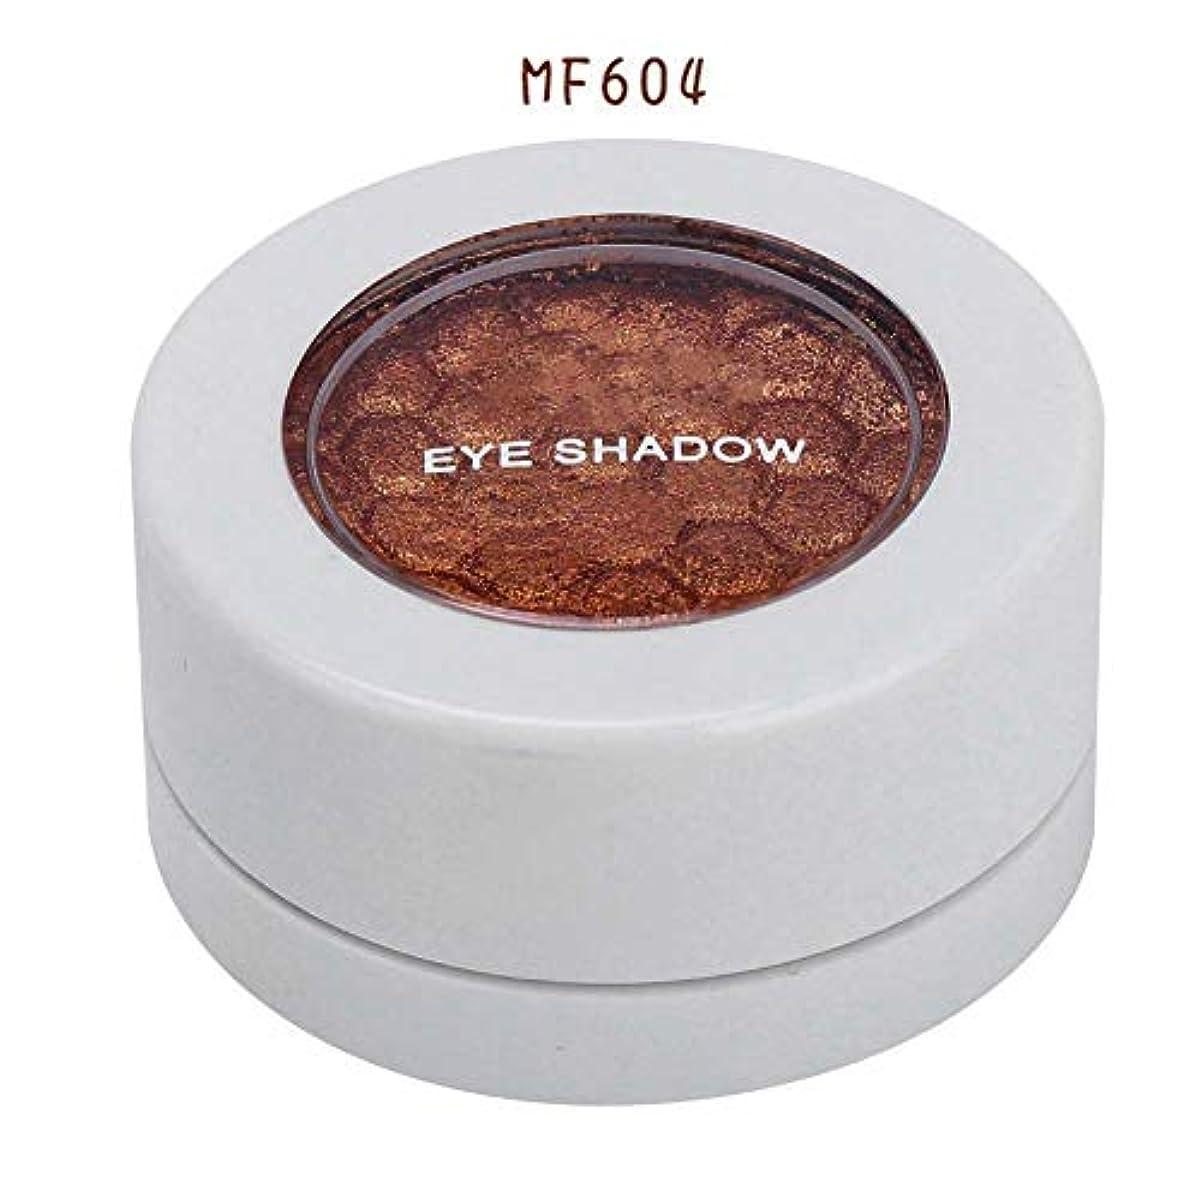 灰膨張するウェブ4色 アイシャドウパレット アイシャドウパレット 化粧品ツール 化粧マットグロス アイシャドウパウダー (MF604)